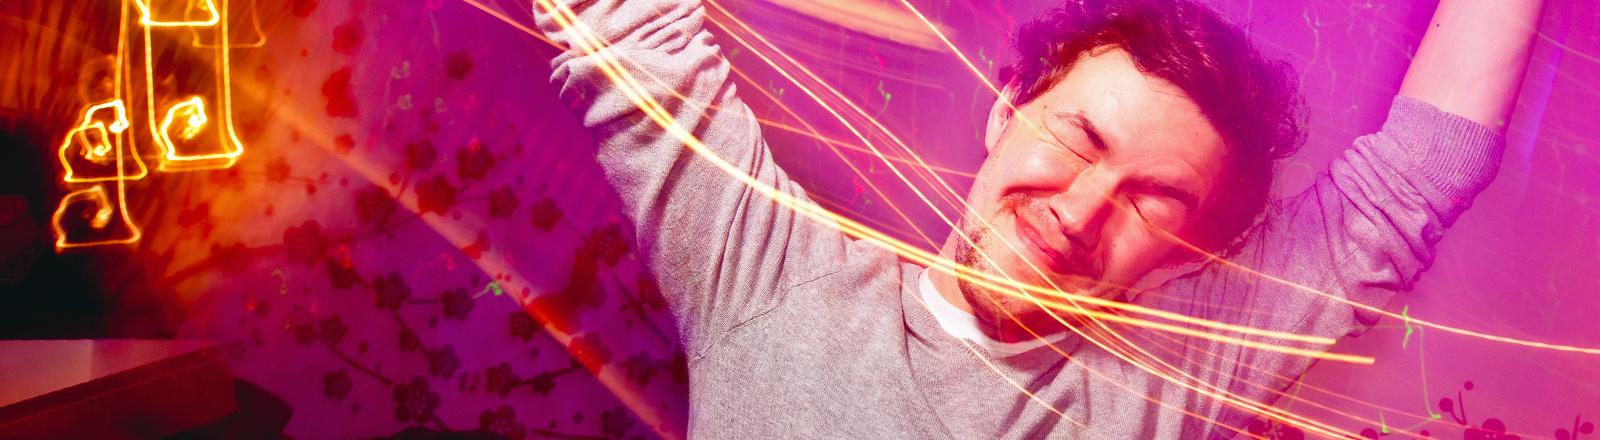 Ein Mann feiert in der Disco.